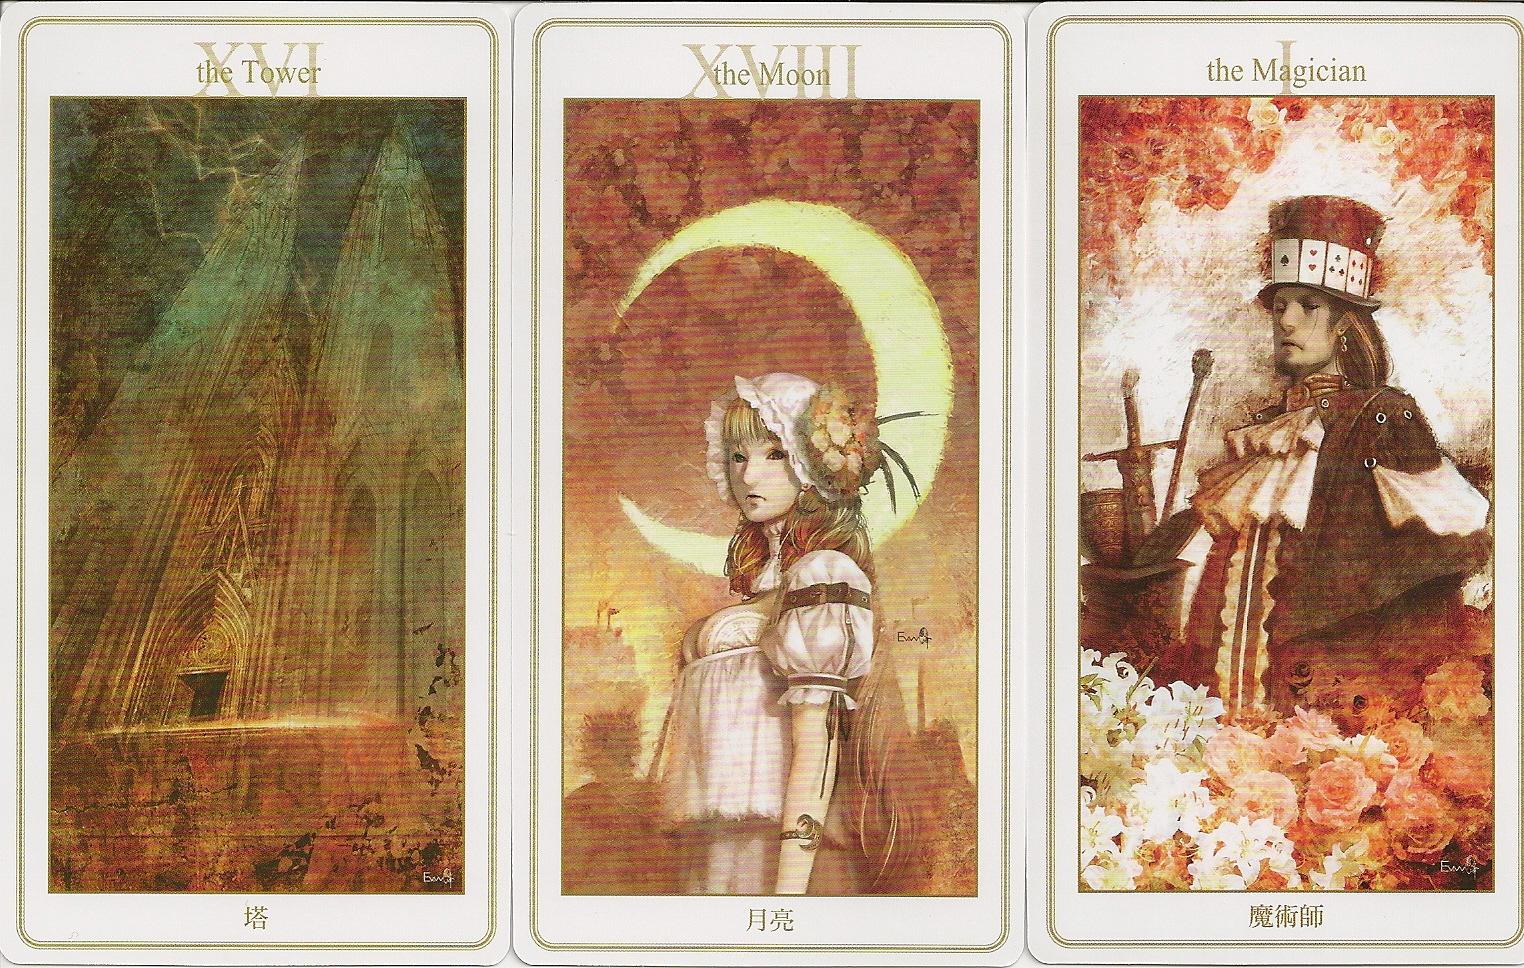 Tarot cards and erotic